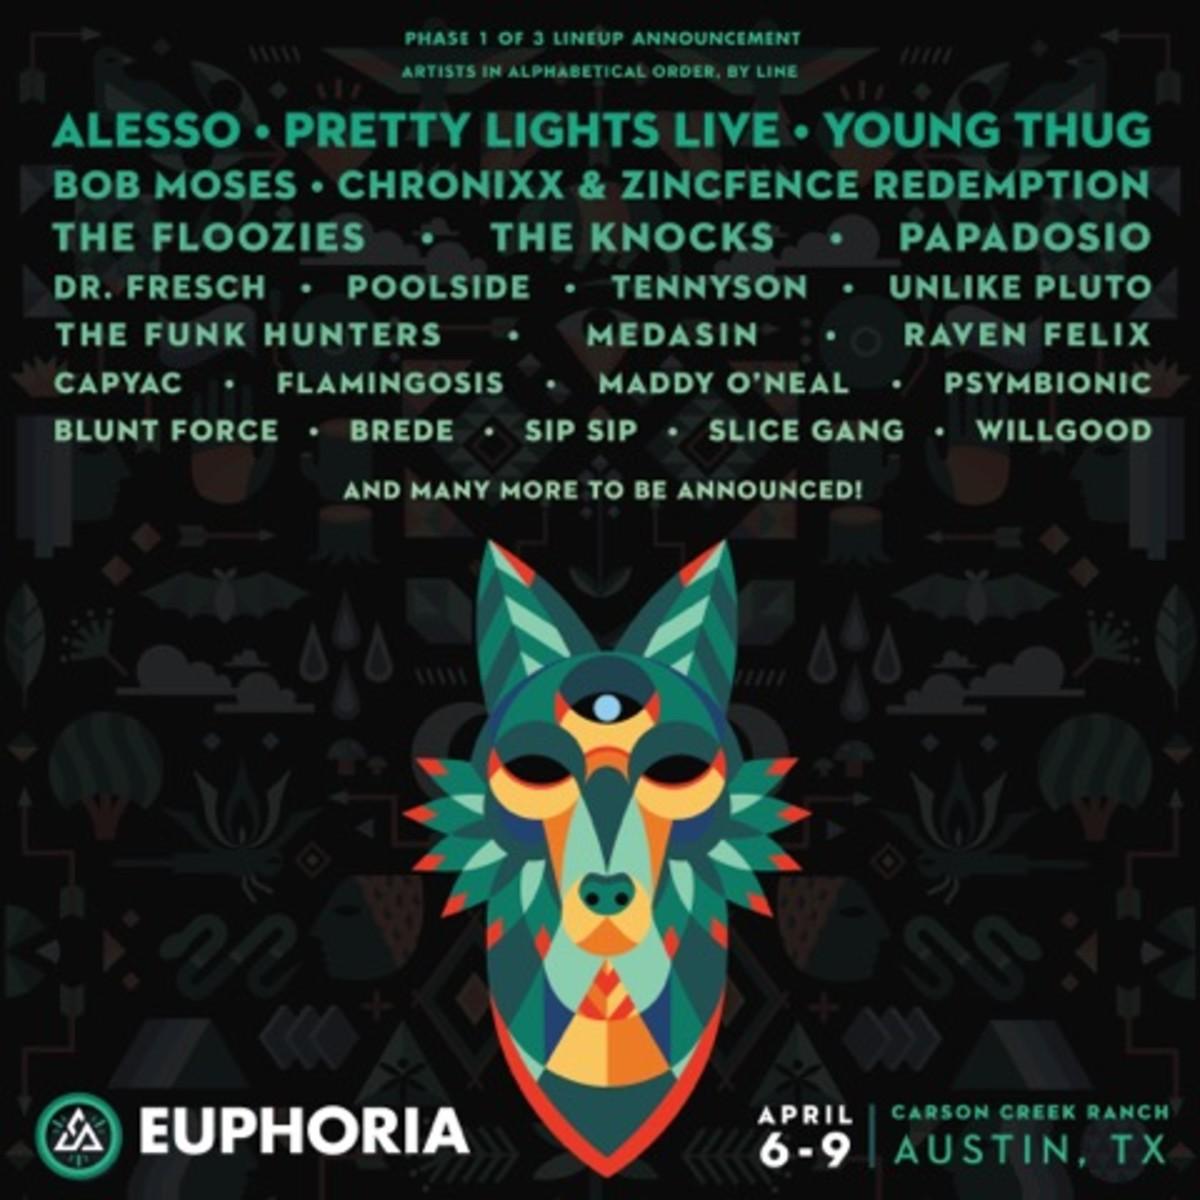 Euphoria_2017_Phase_1_IG.jpeg